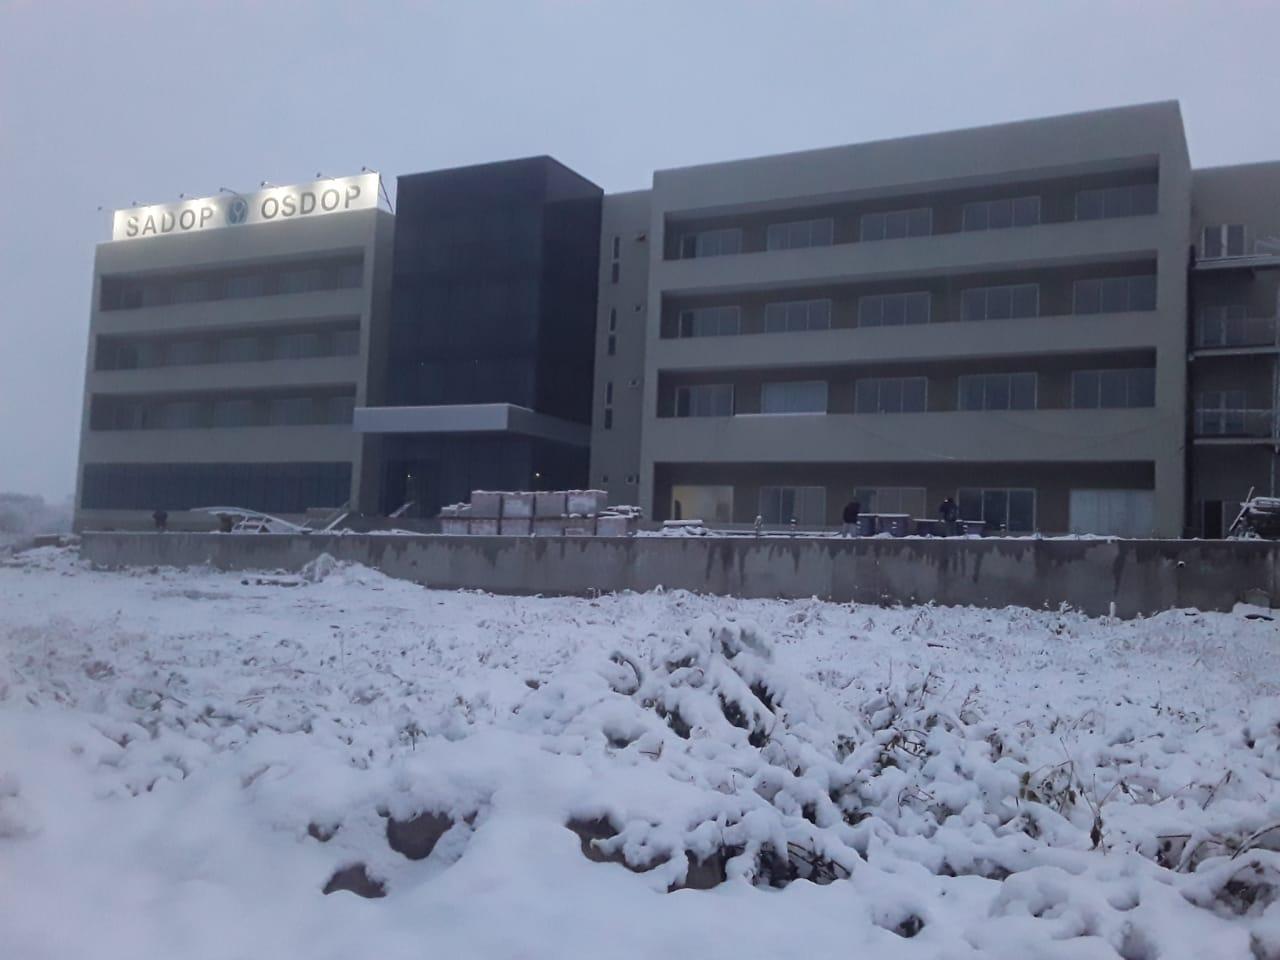 En este momento estás viendo Histórica nevada en Córdoba, fotos del hotel de SADOP en Cosquín